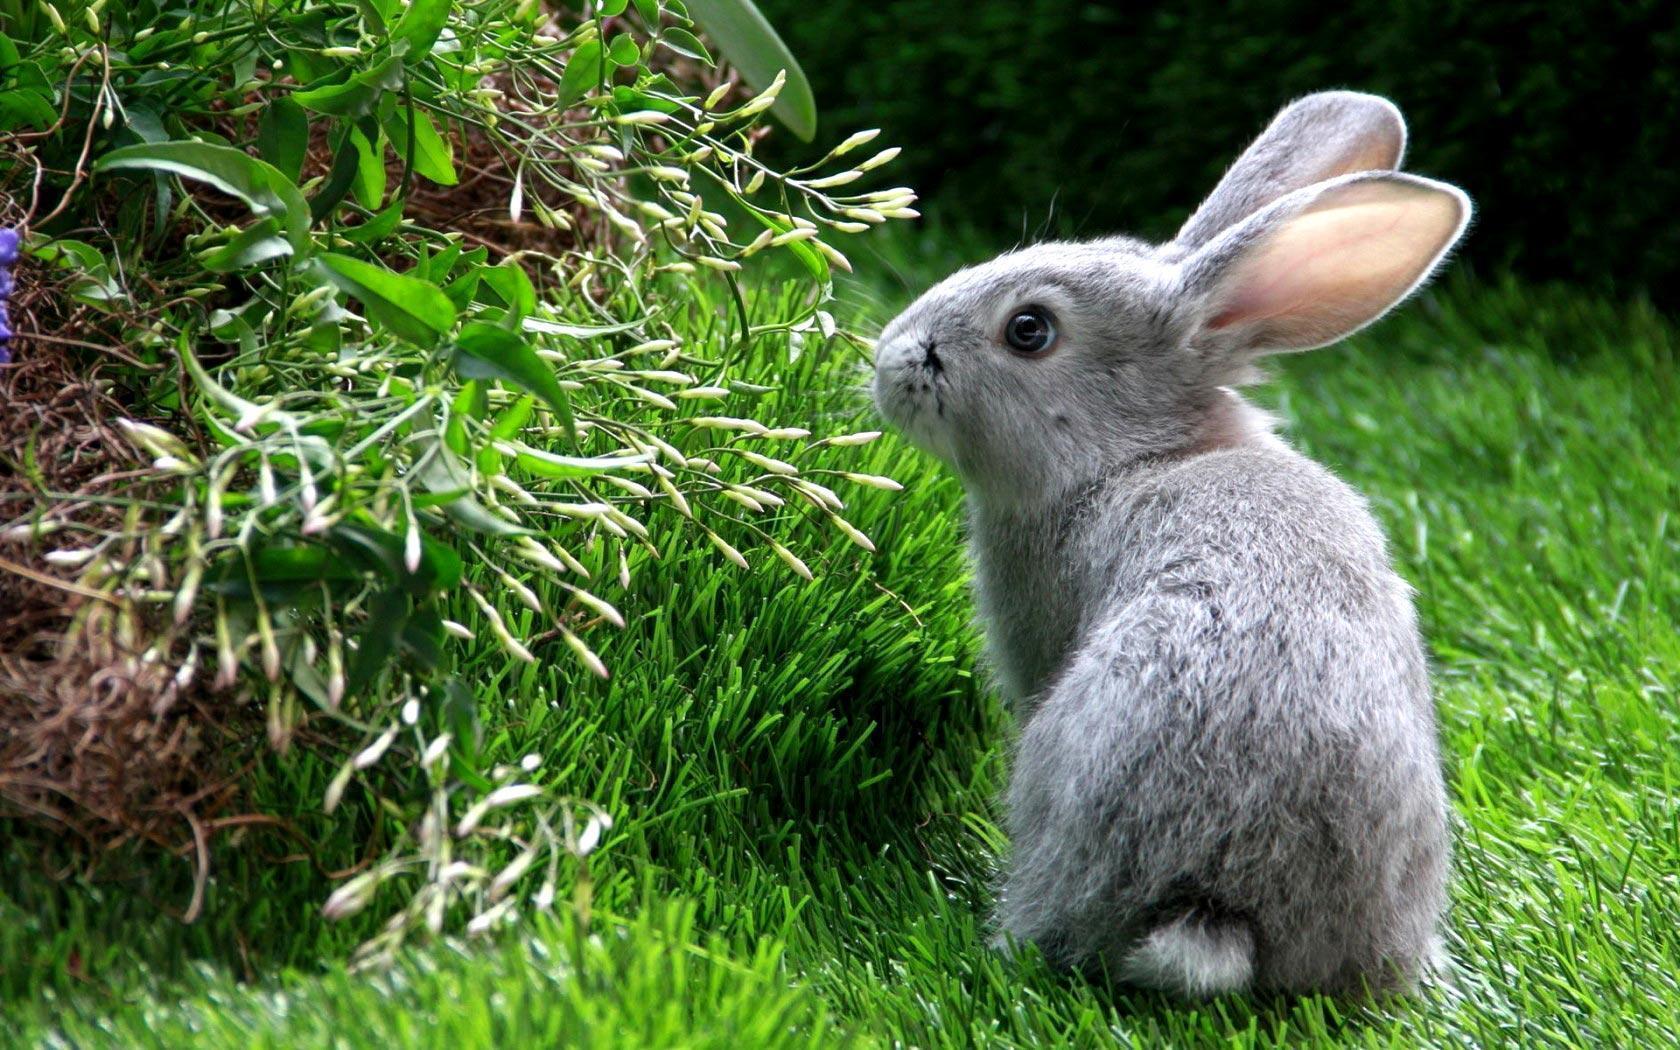 Rabbit Wallpapers For Desktop